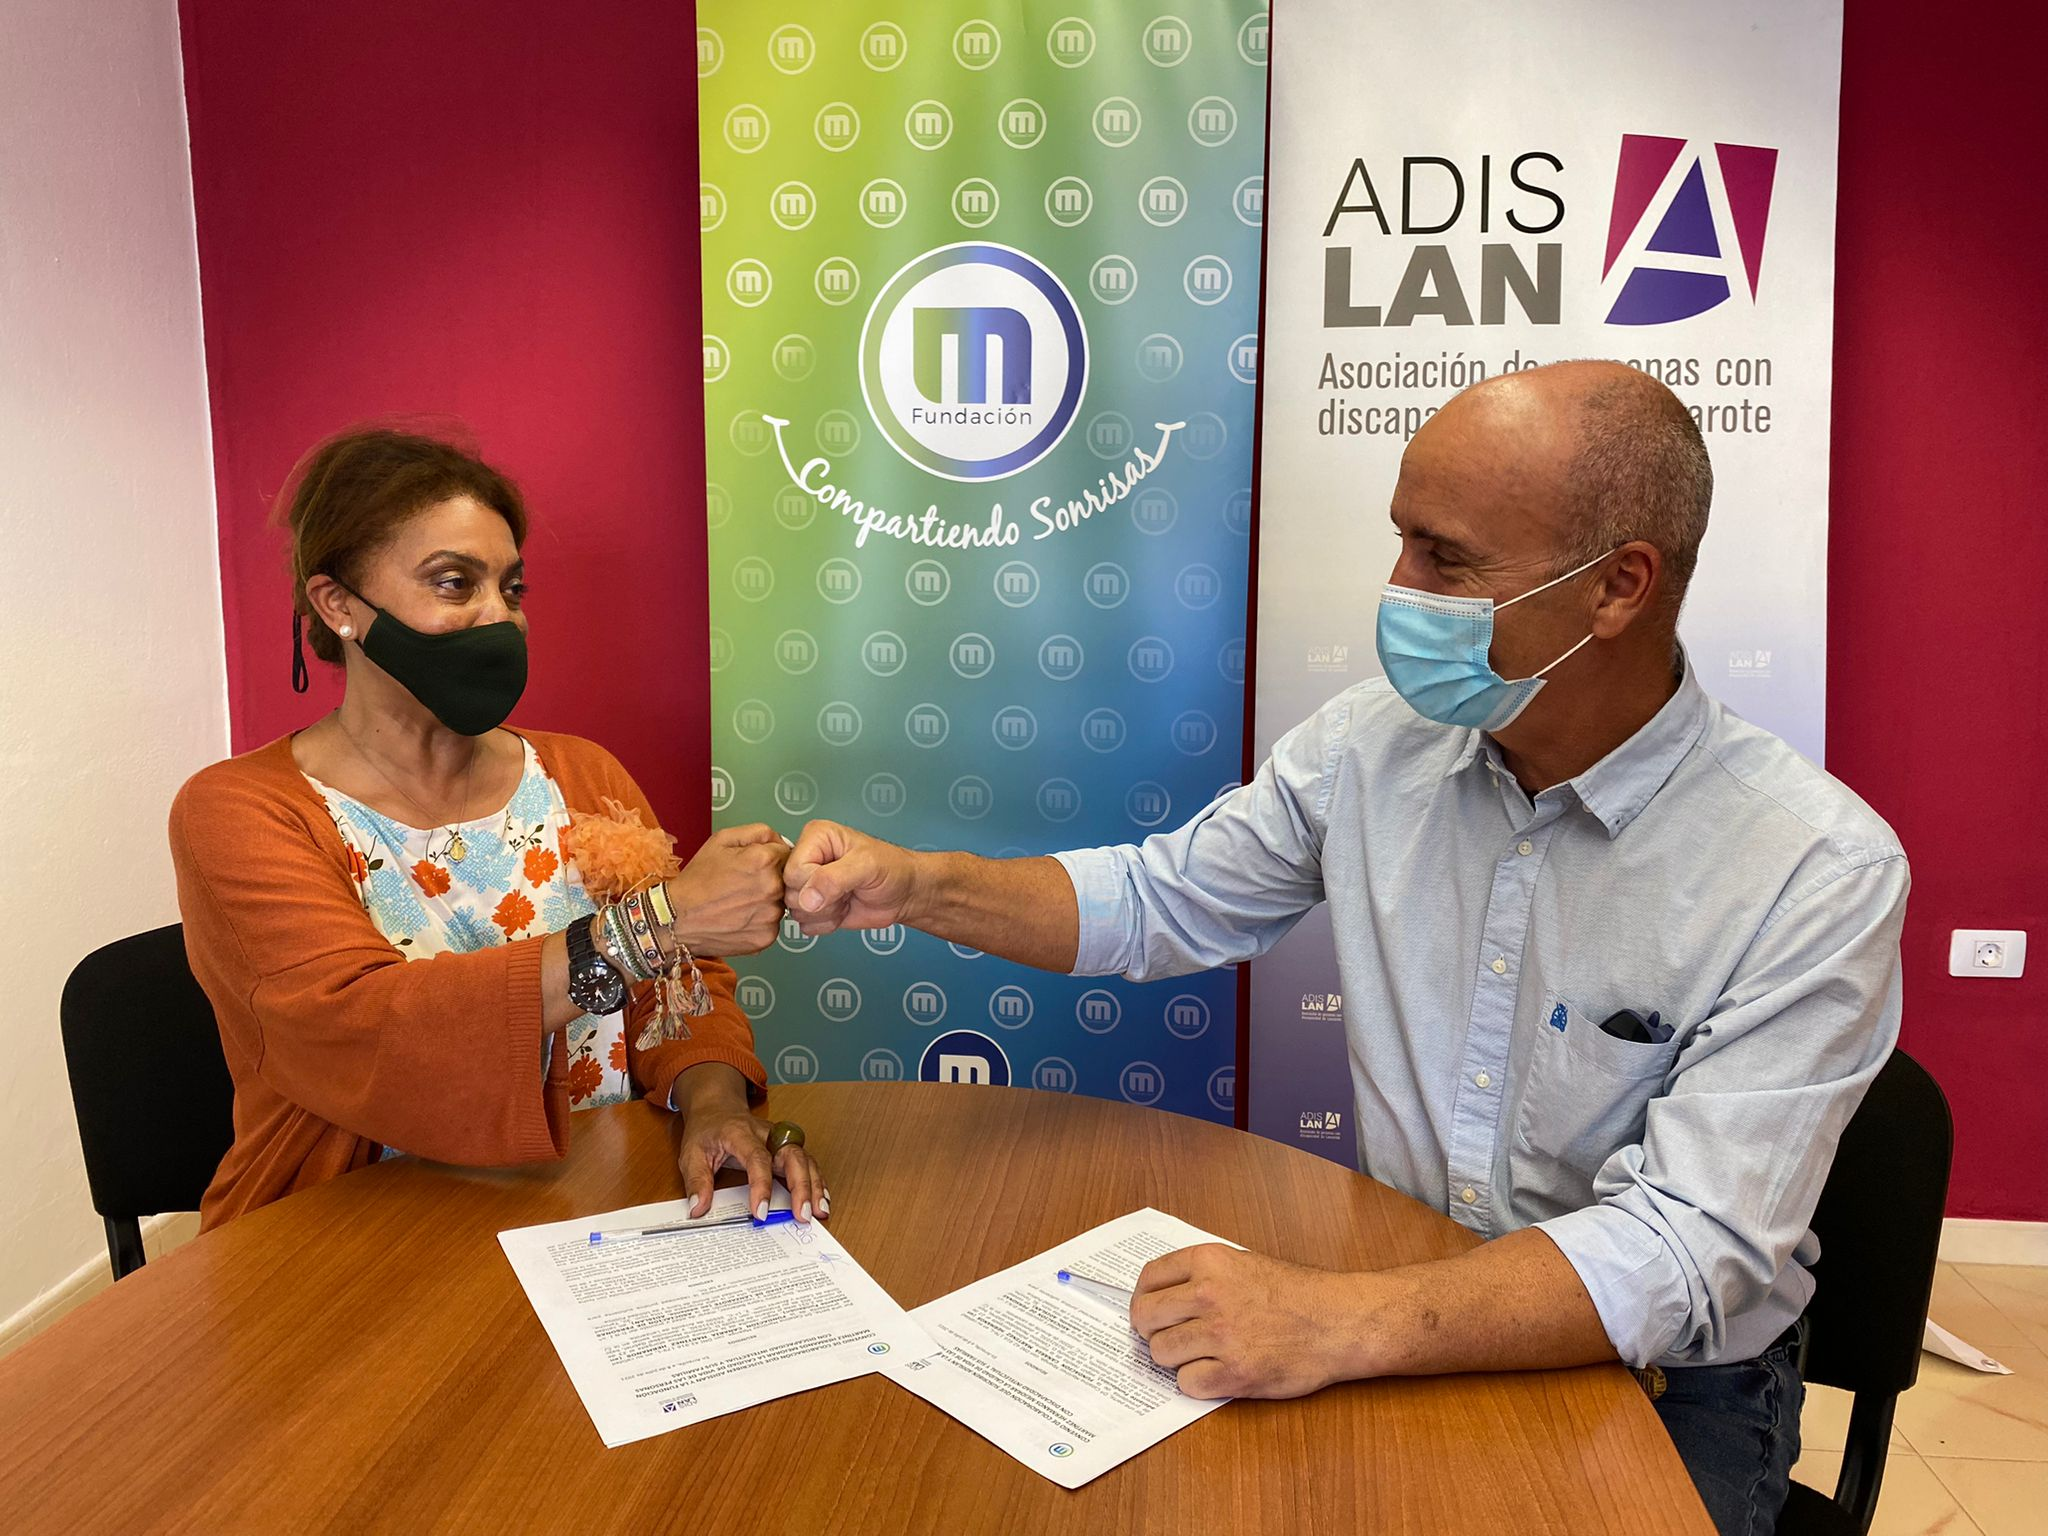 La Fundación Martínez Hermanos y ADISLAN firman un acuerdo estratégico para apoyar al colectivo de personas con discapacidad intelectual